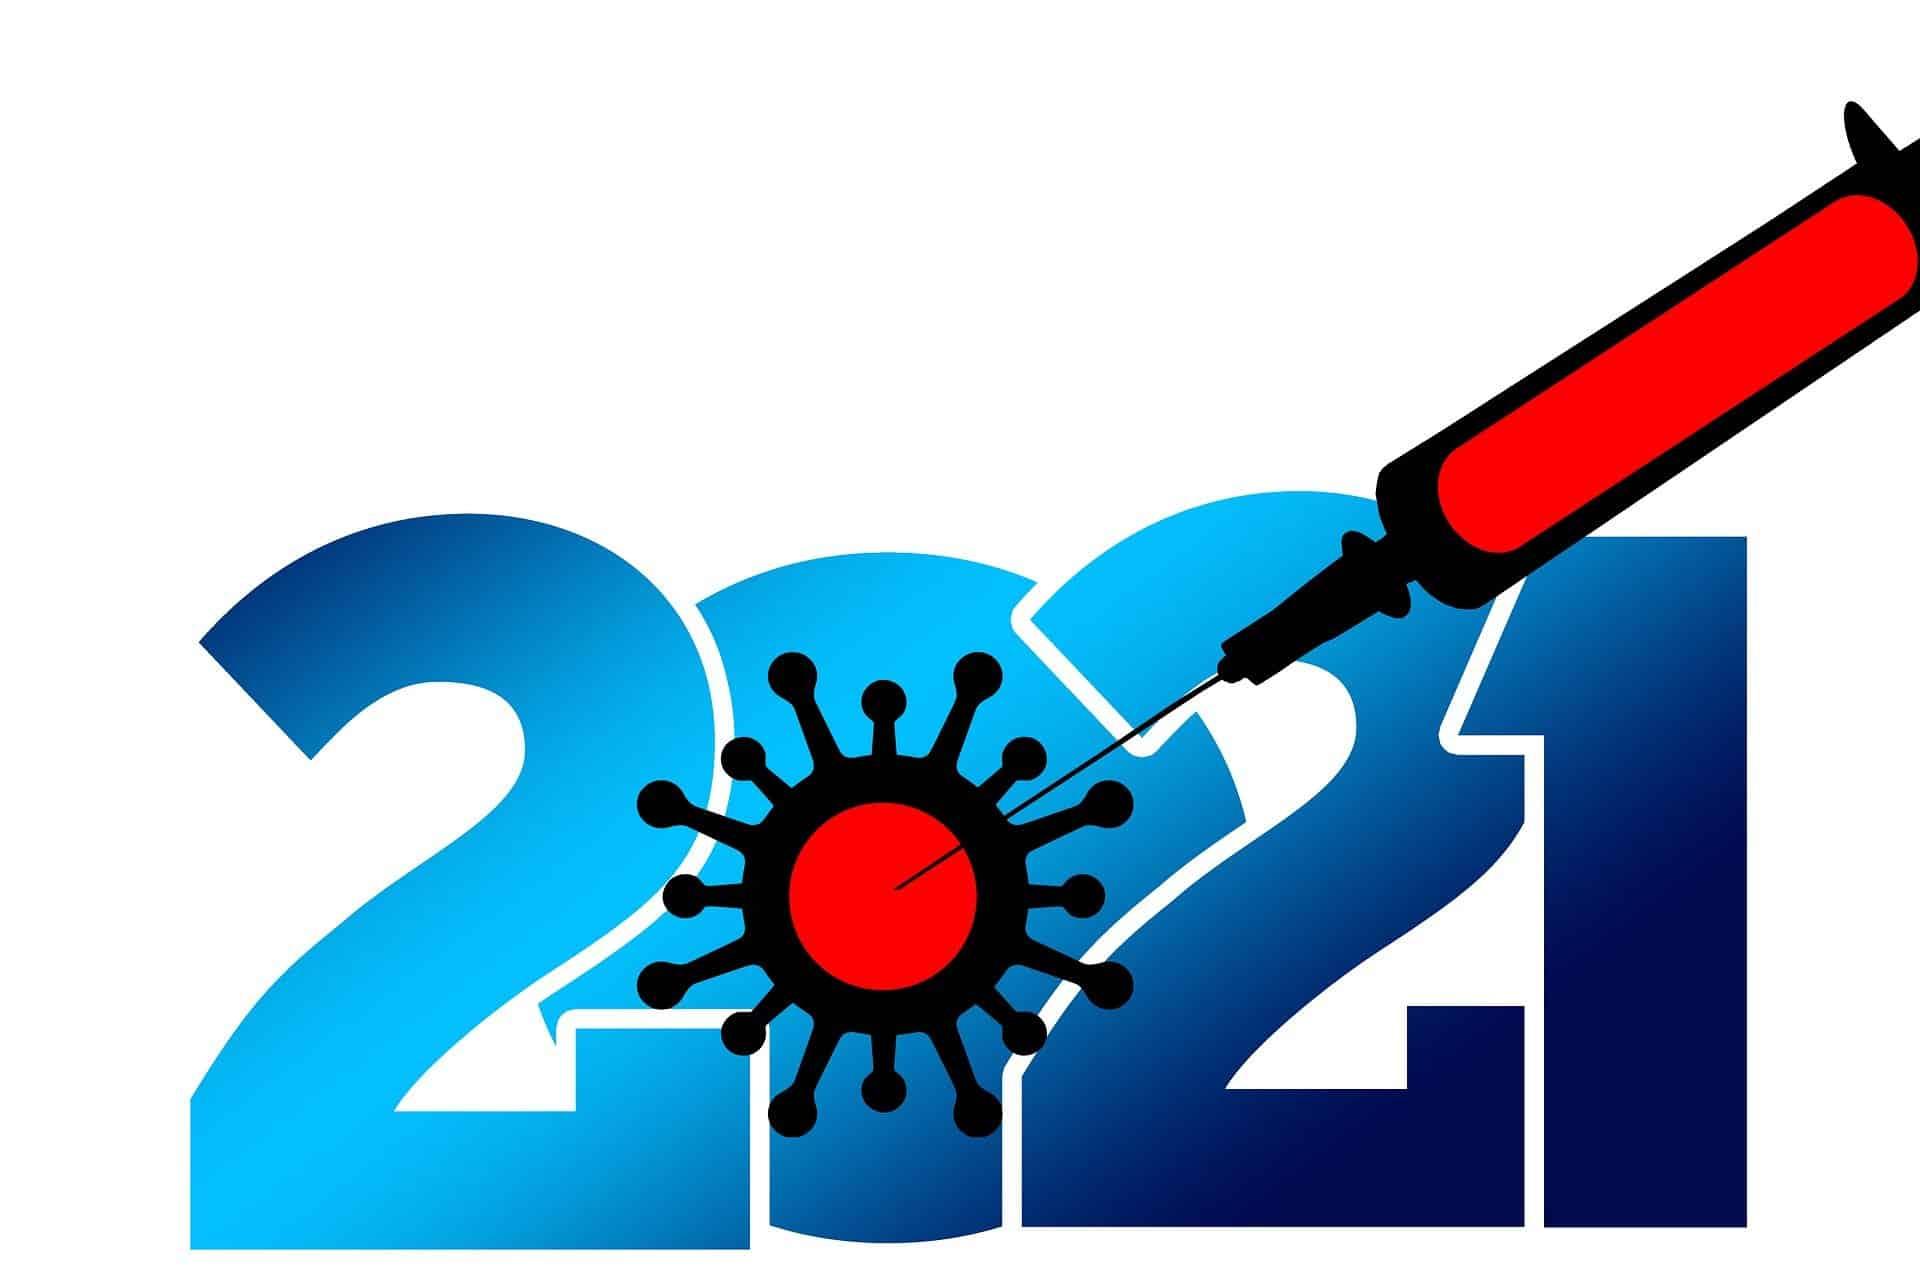 Nuovo DPCM, cosa succede dal 16 gennaio 2021? Il Governo pensa a nuove strette e alla zona bianca